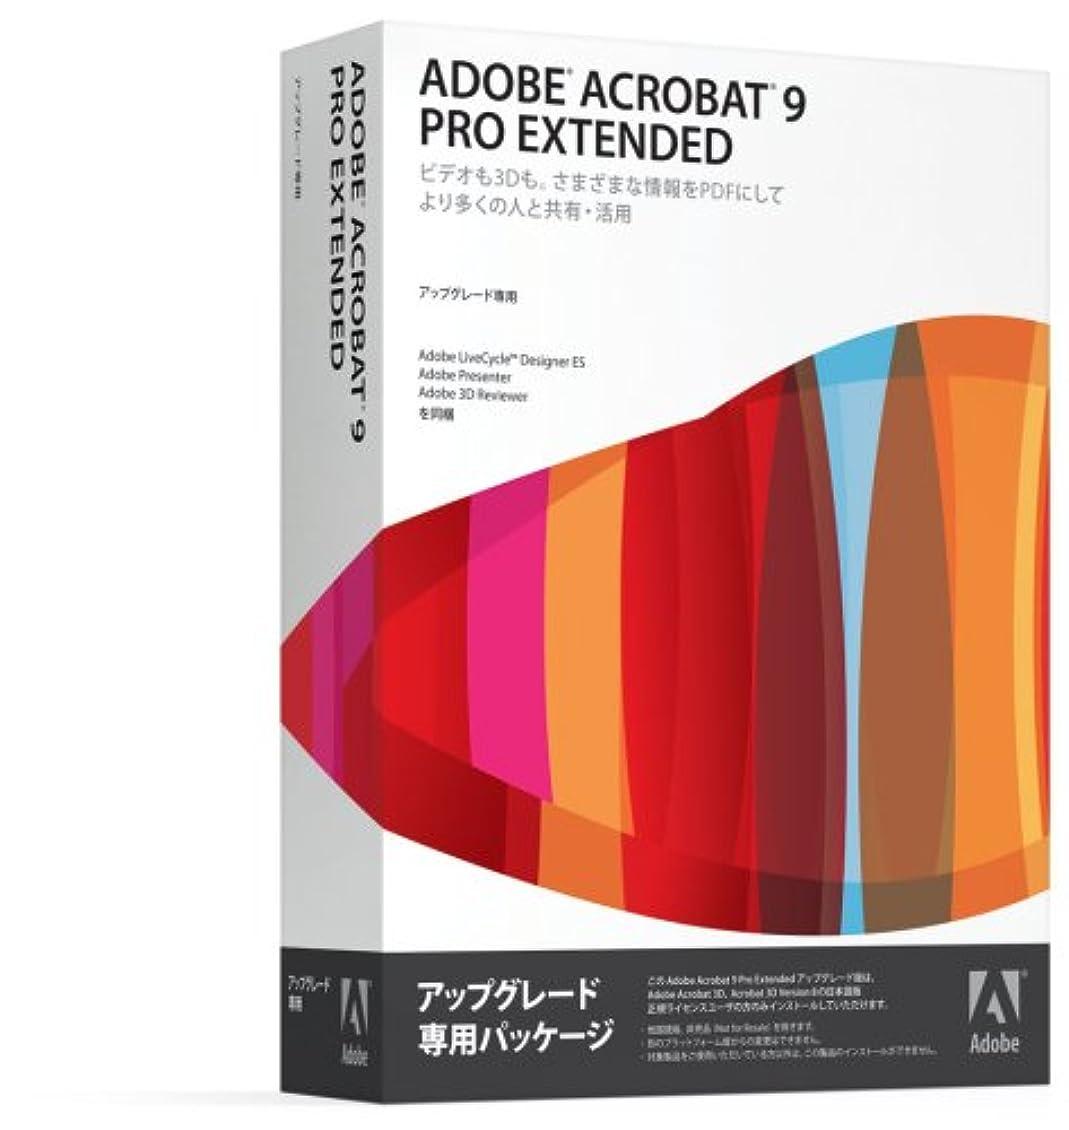 受信故障メタルラインAdobe Acrobat 9 Pro Extended 日本語版 アップグレード版 (3D-Ex) Windows版